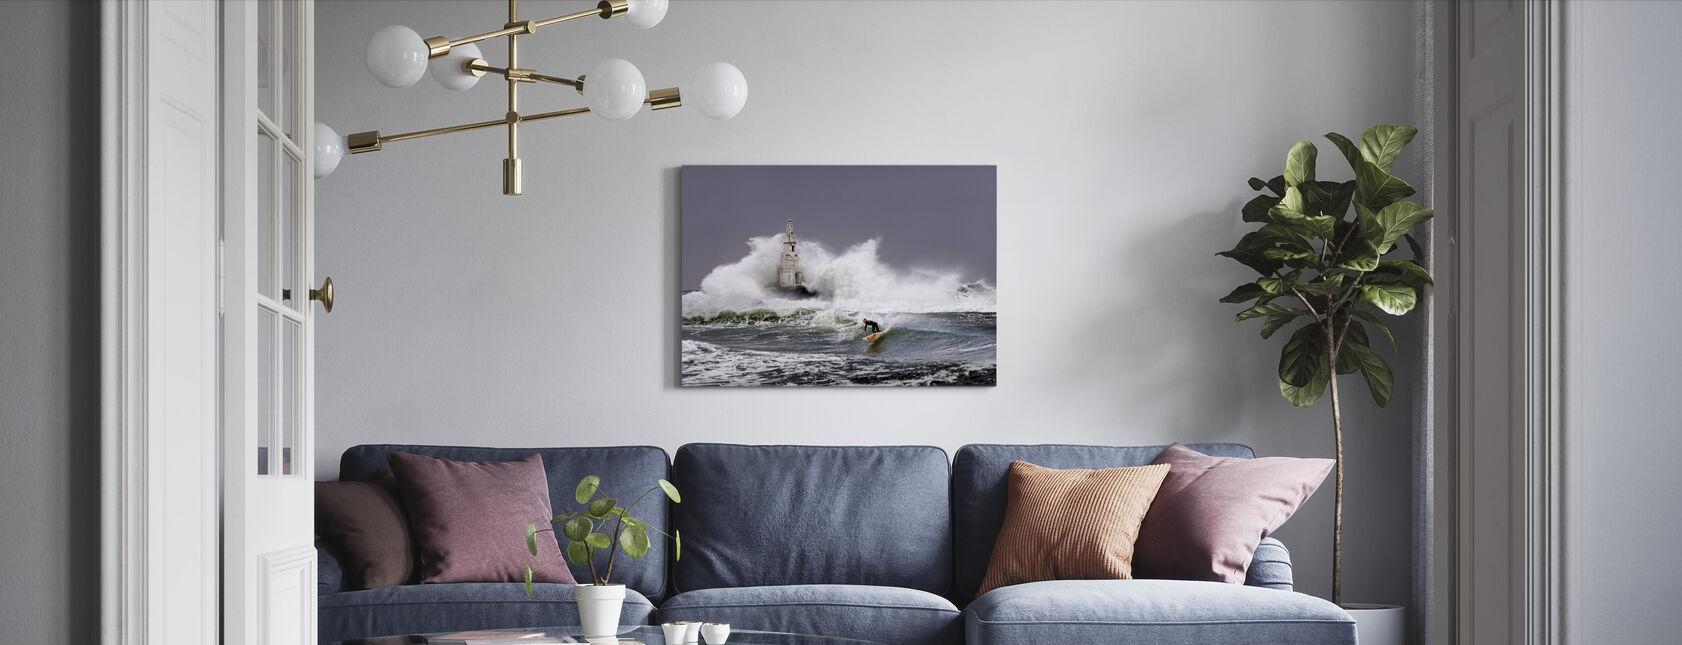 Leuchtturm Surfer - Leinwandbild - Wohnzimmer